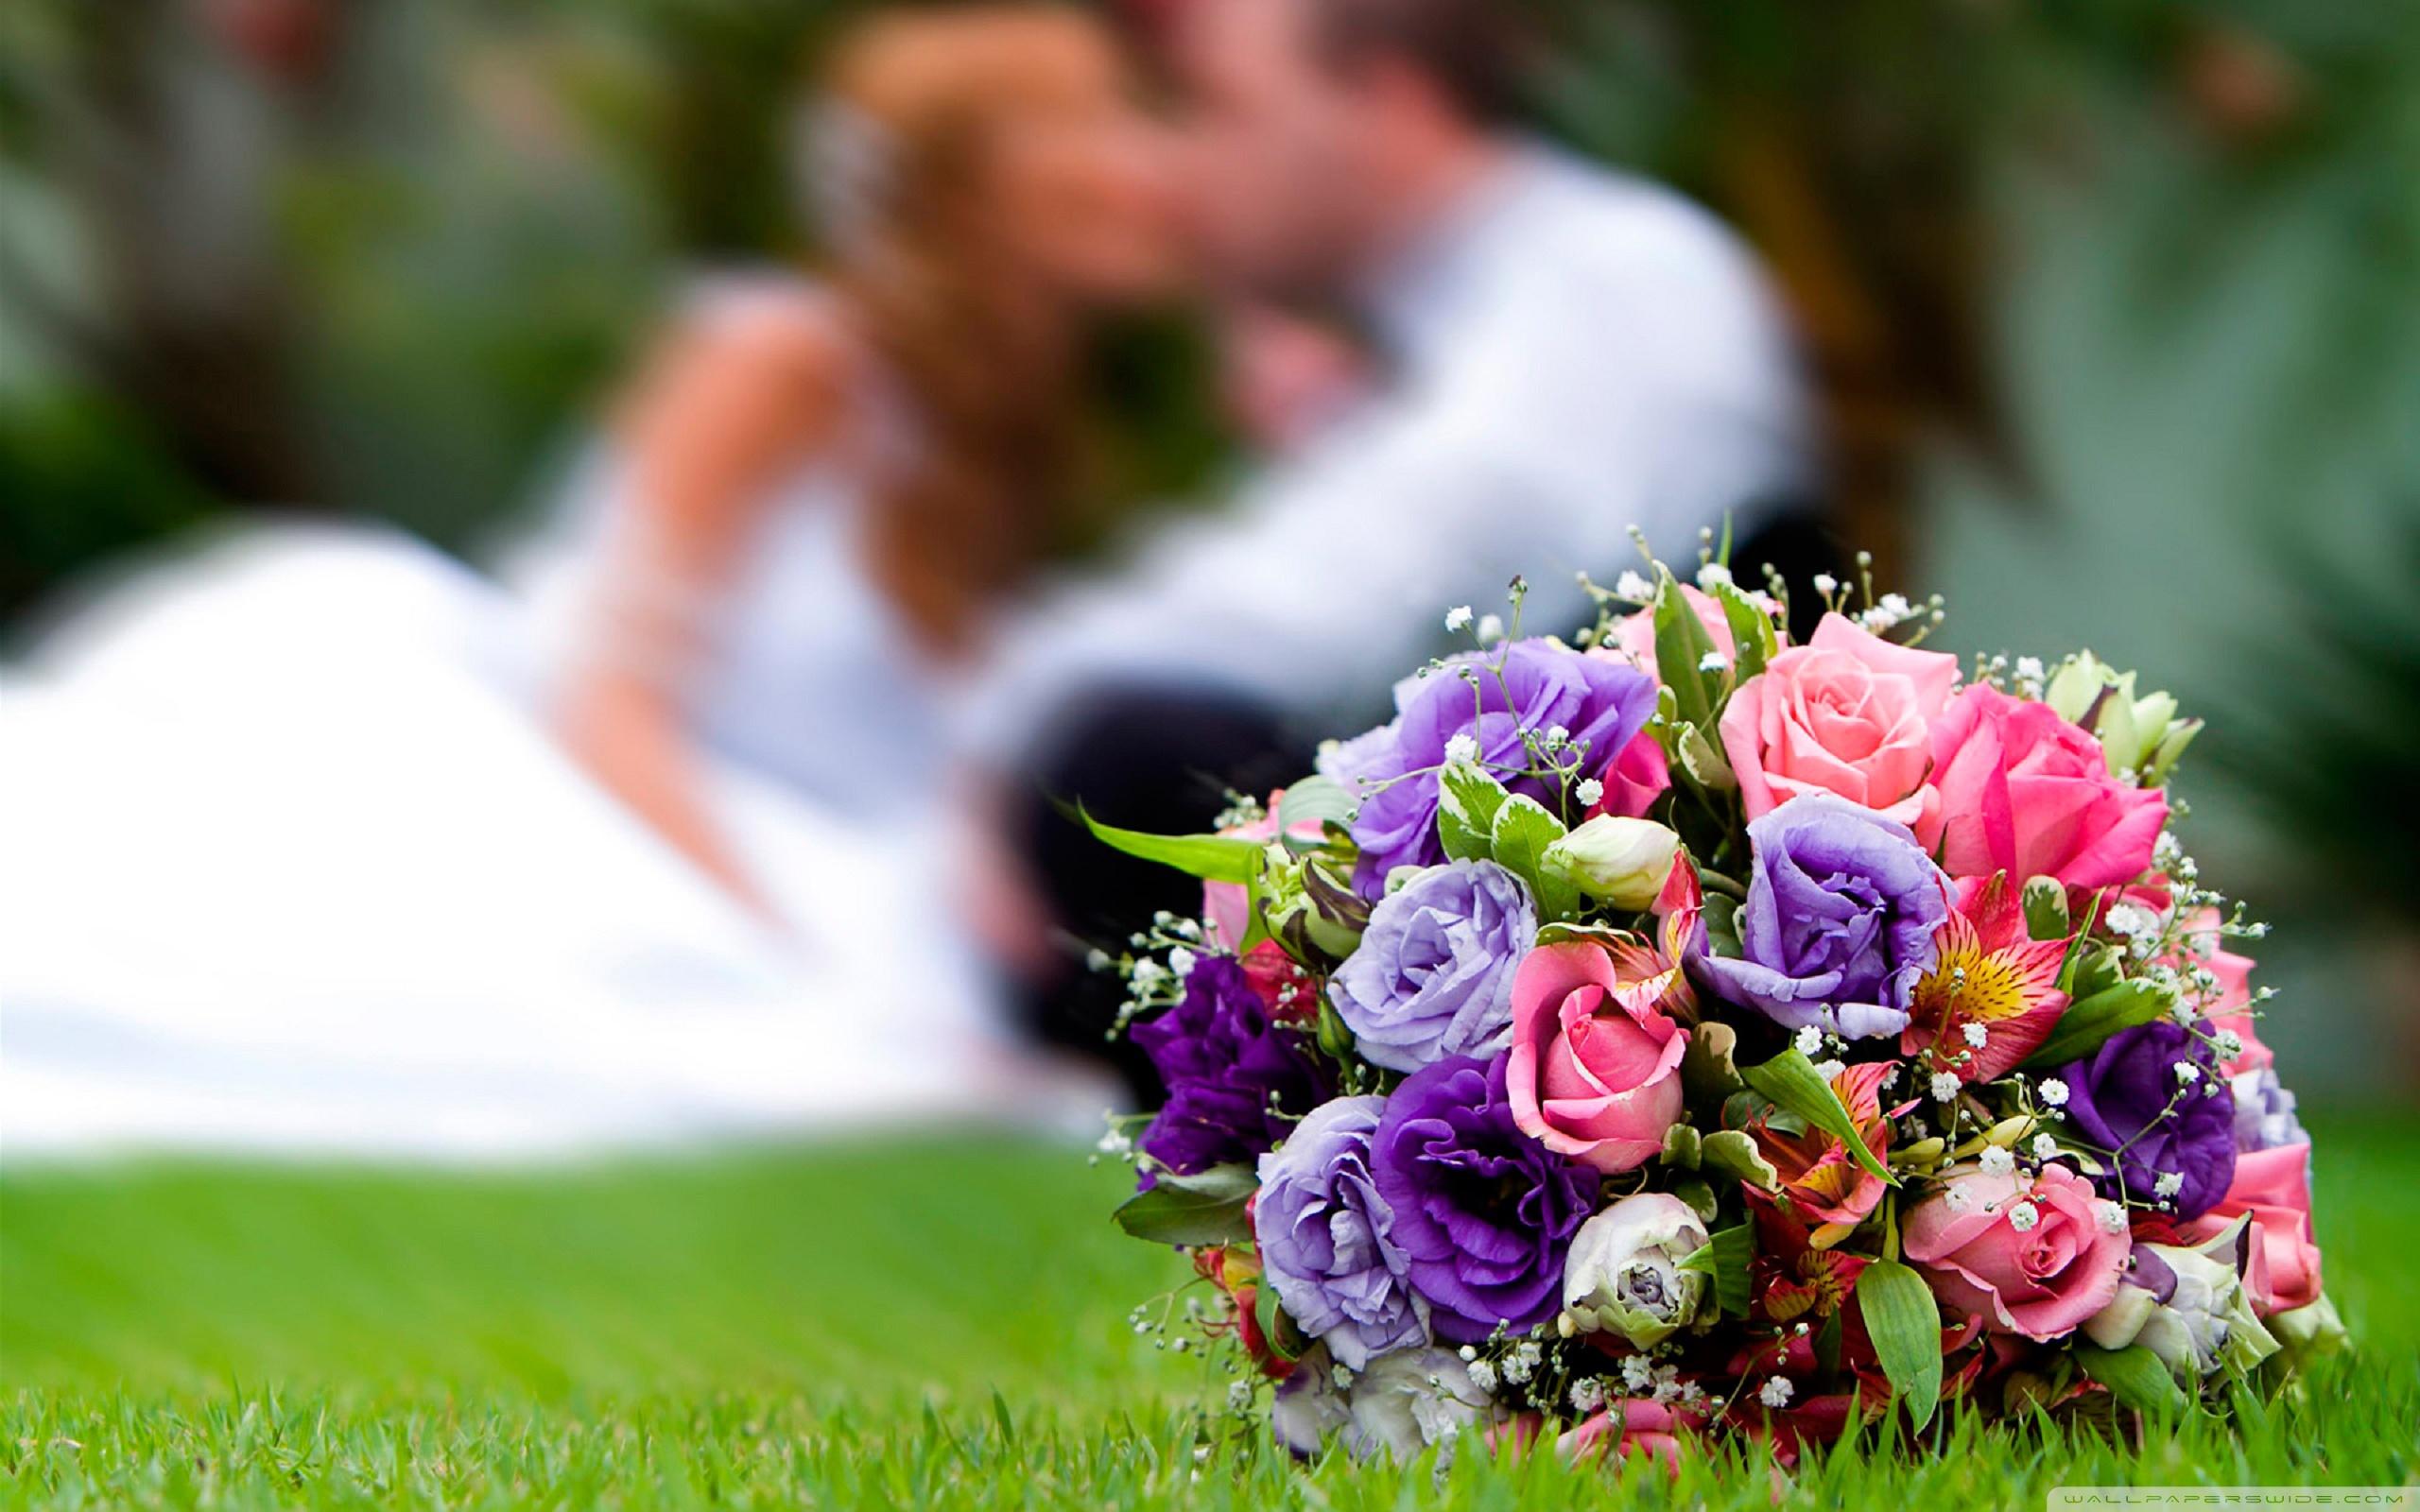 Свадебный букет - фото обои на рабочий стол, картинки с букетами